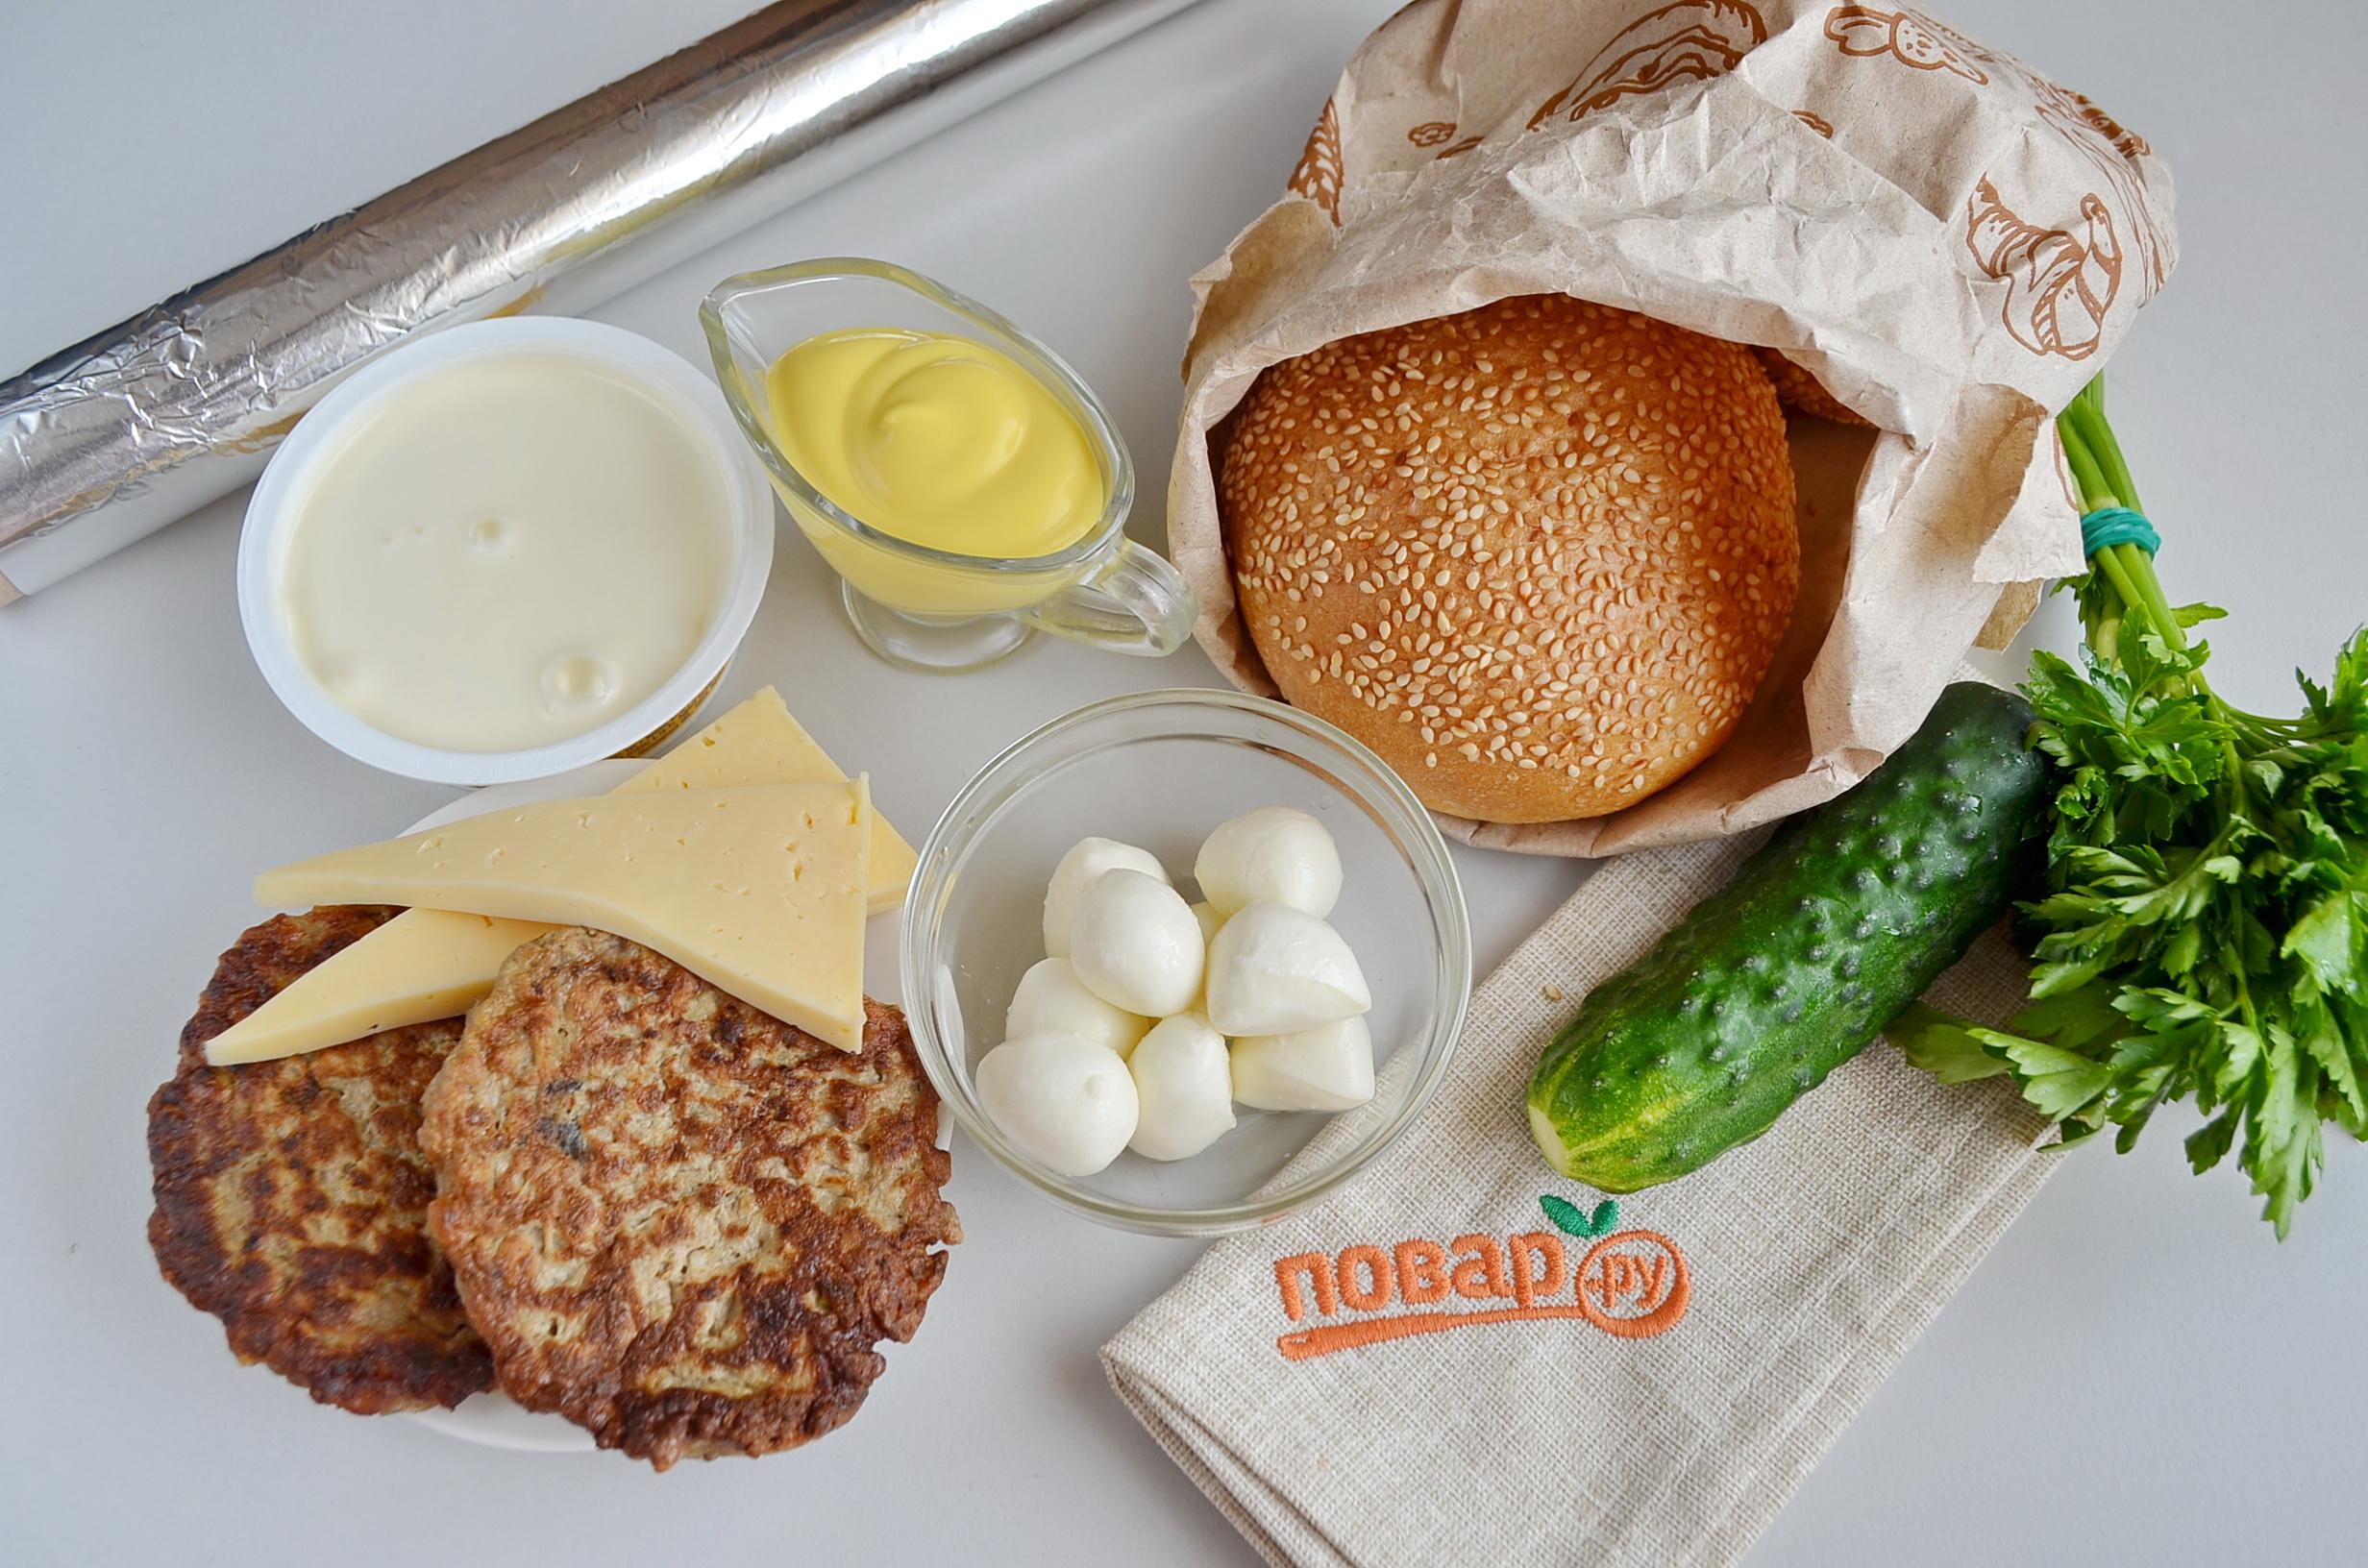 Продукты для приготовления сырного бургера